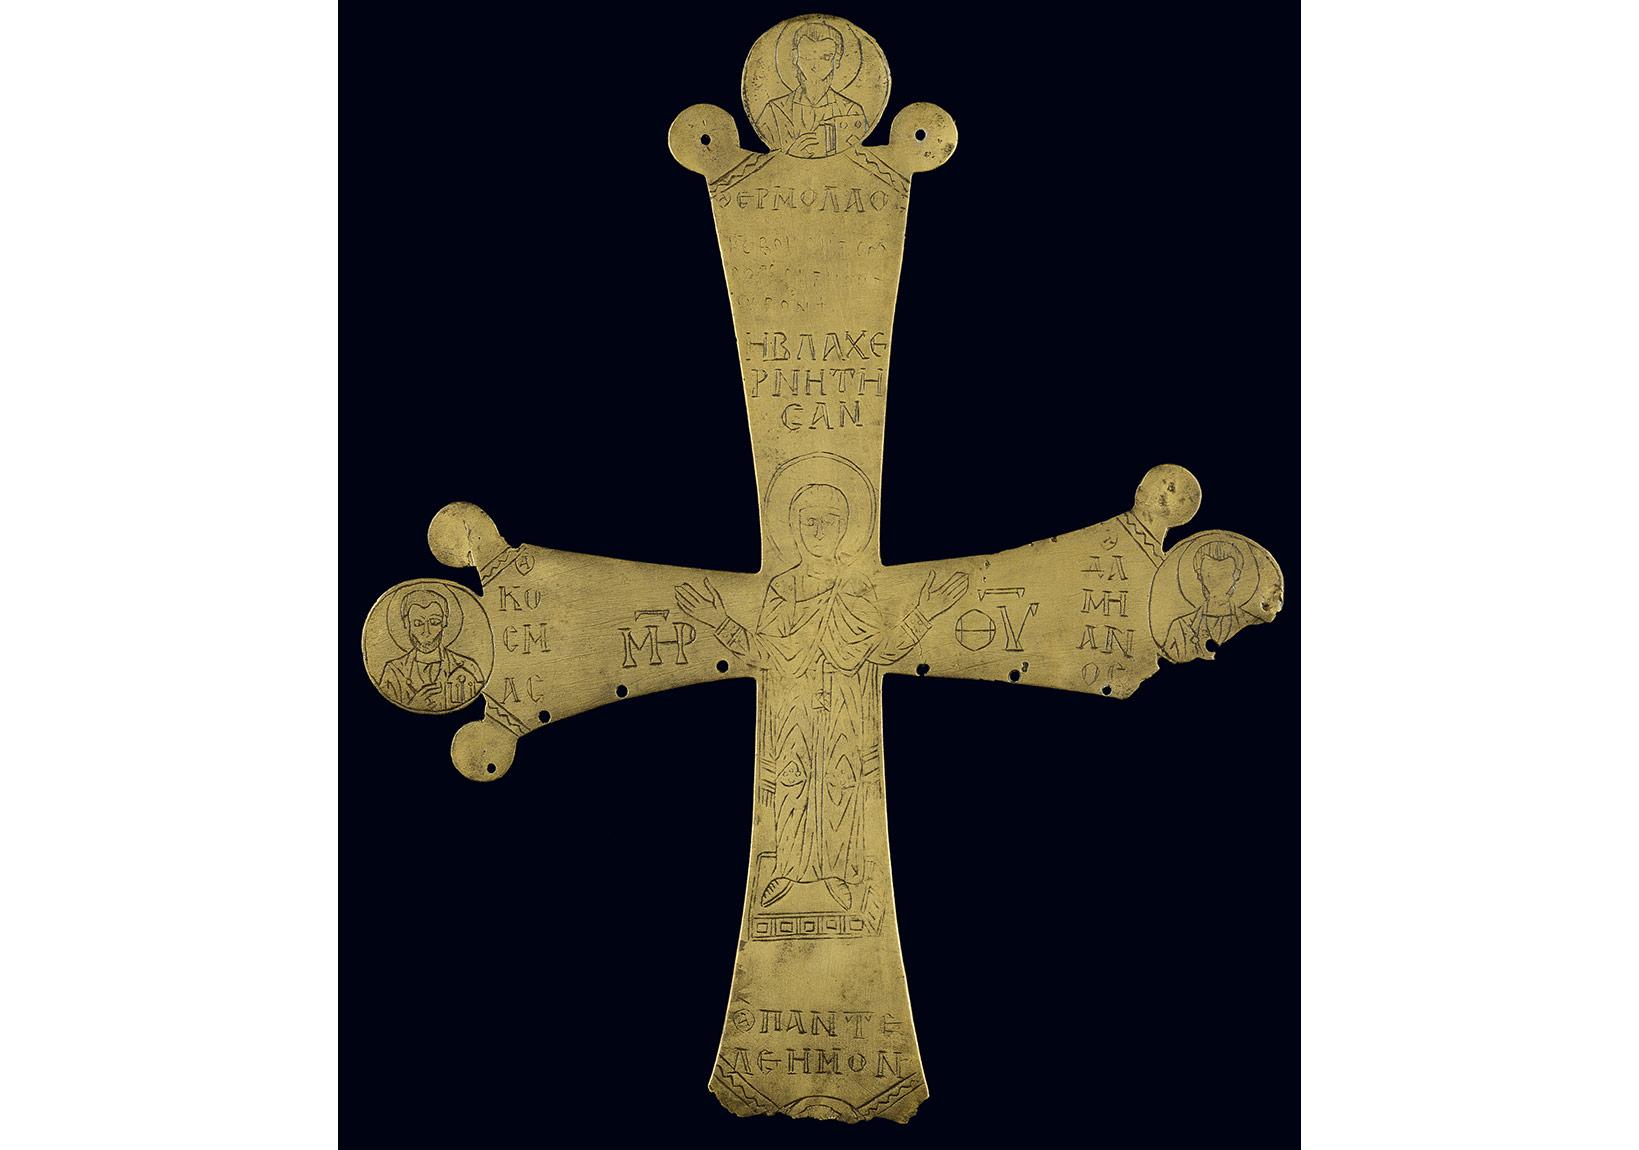 Tören haçı, 10. yüzyıl sonu–11. yüzyıl, Atina, Benaki Müzesi, env. no. 11442.